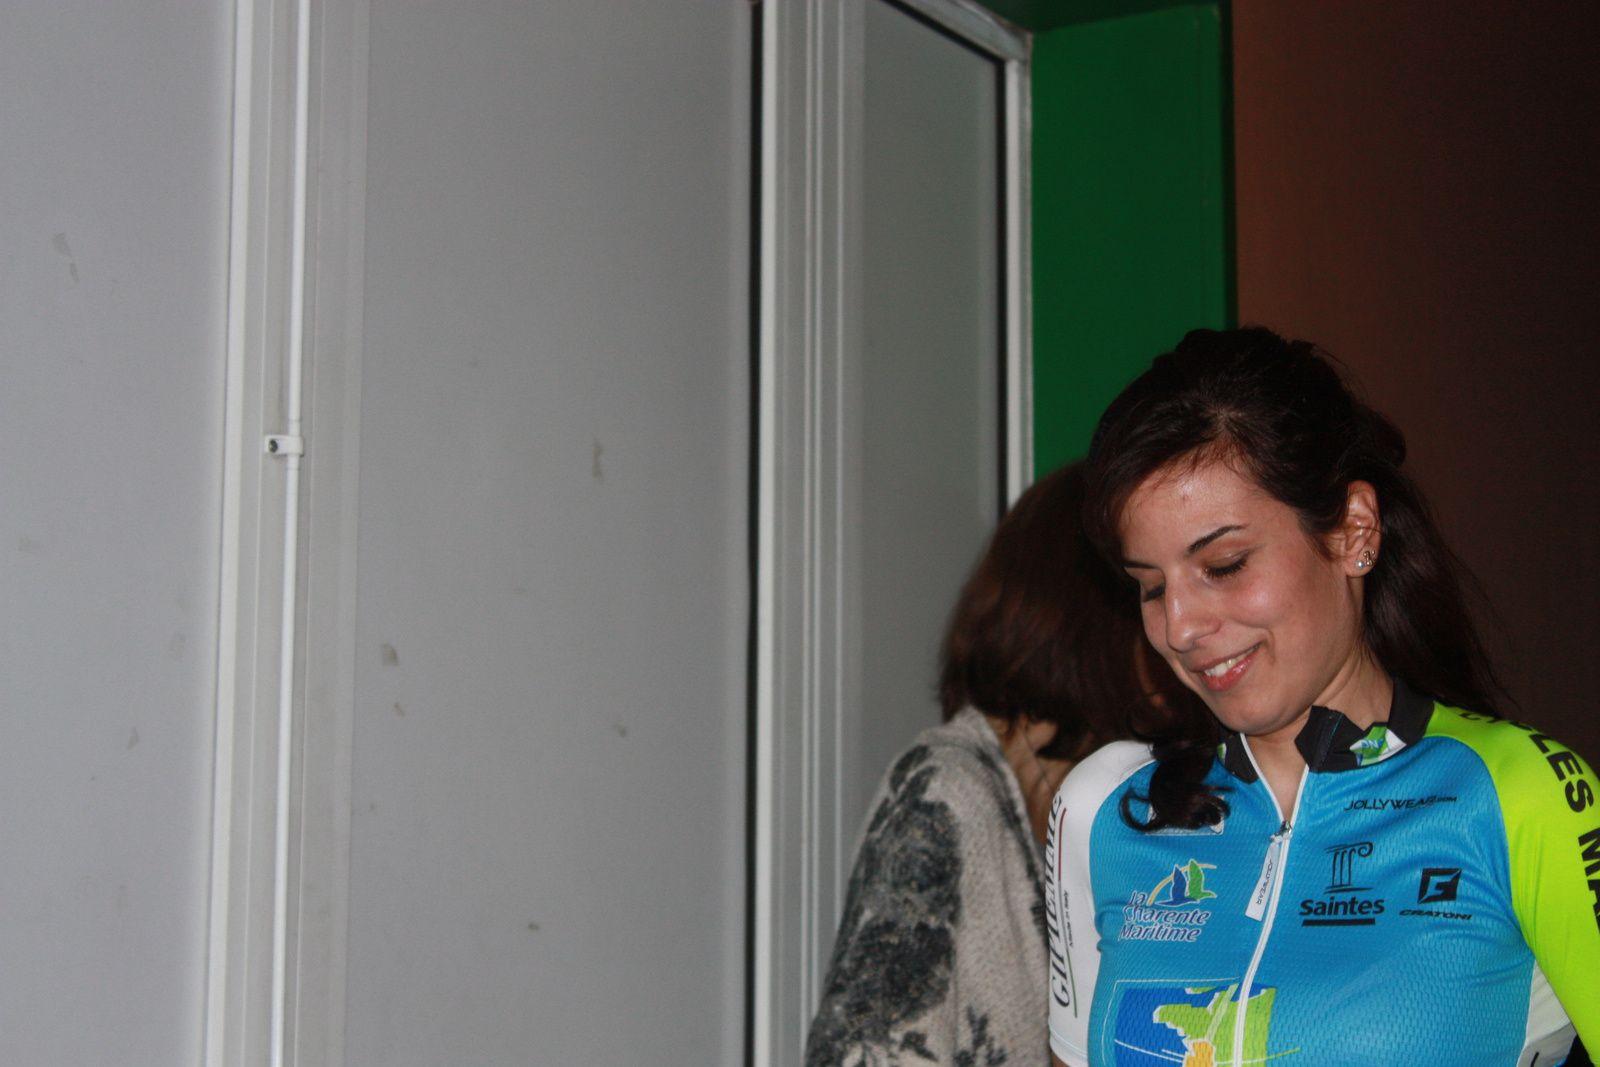 Steffi  JAMONEAU  nouvelle  venue, elle  avait  remporté  une  étape  du  tour  de  charente-maritime  à  Lagord